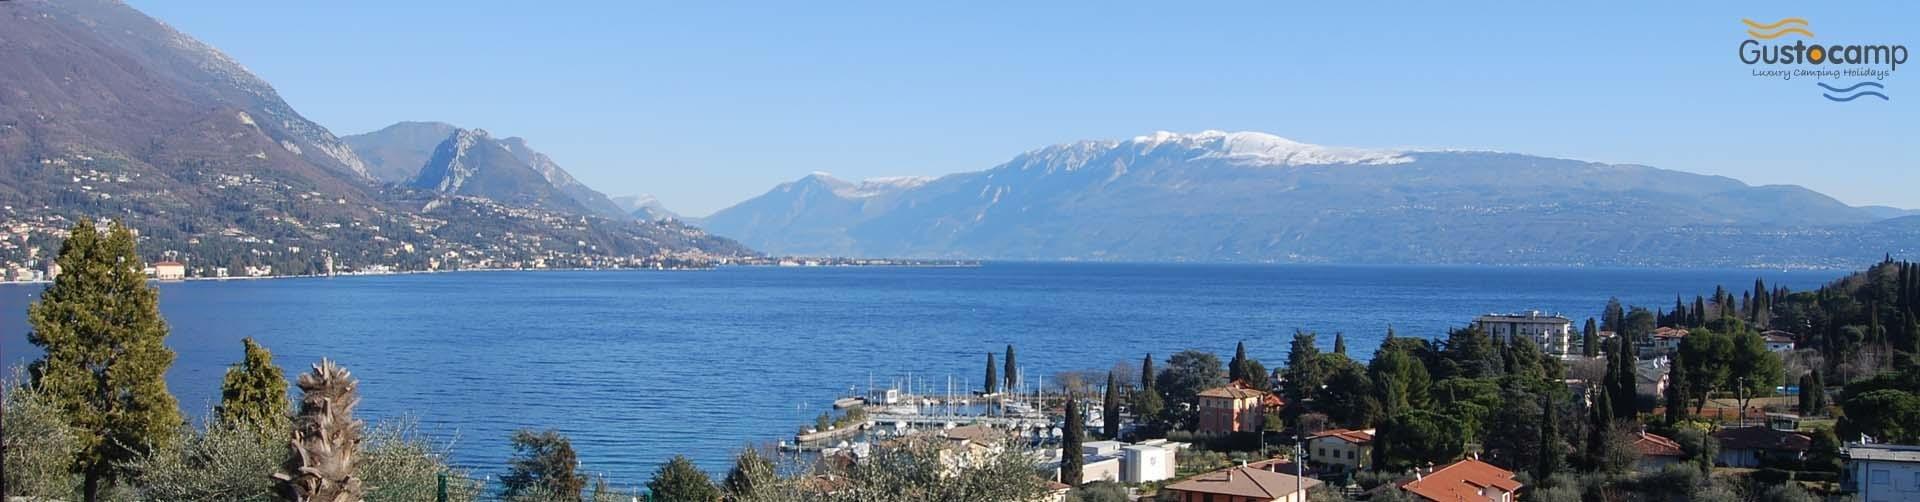 Lake Garda - Eden